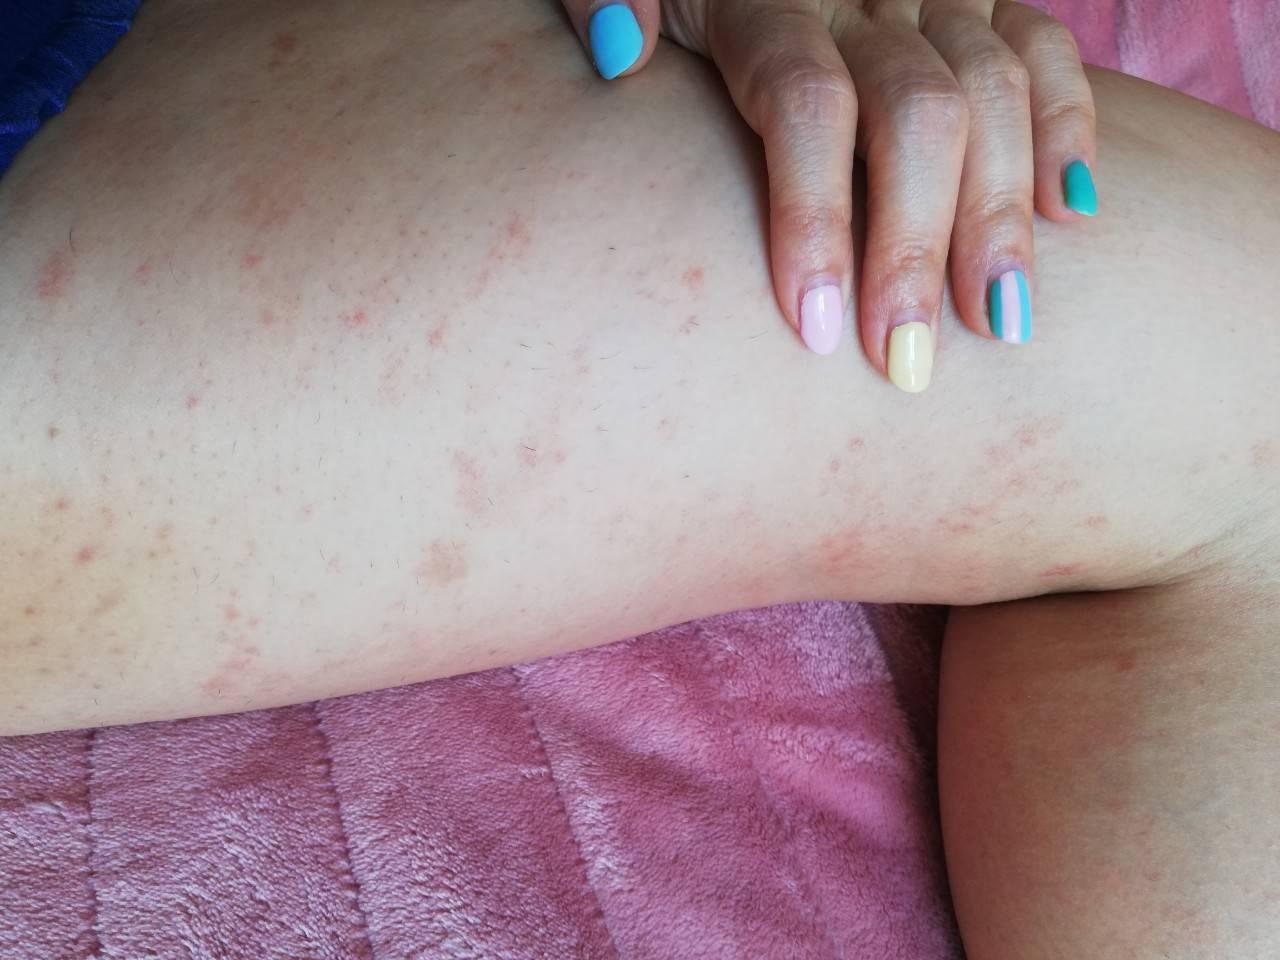 Симптомы болезни печени – признаки на лице и теле, которые должны насторожить